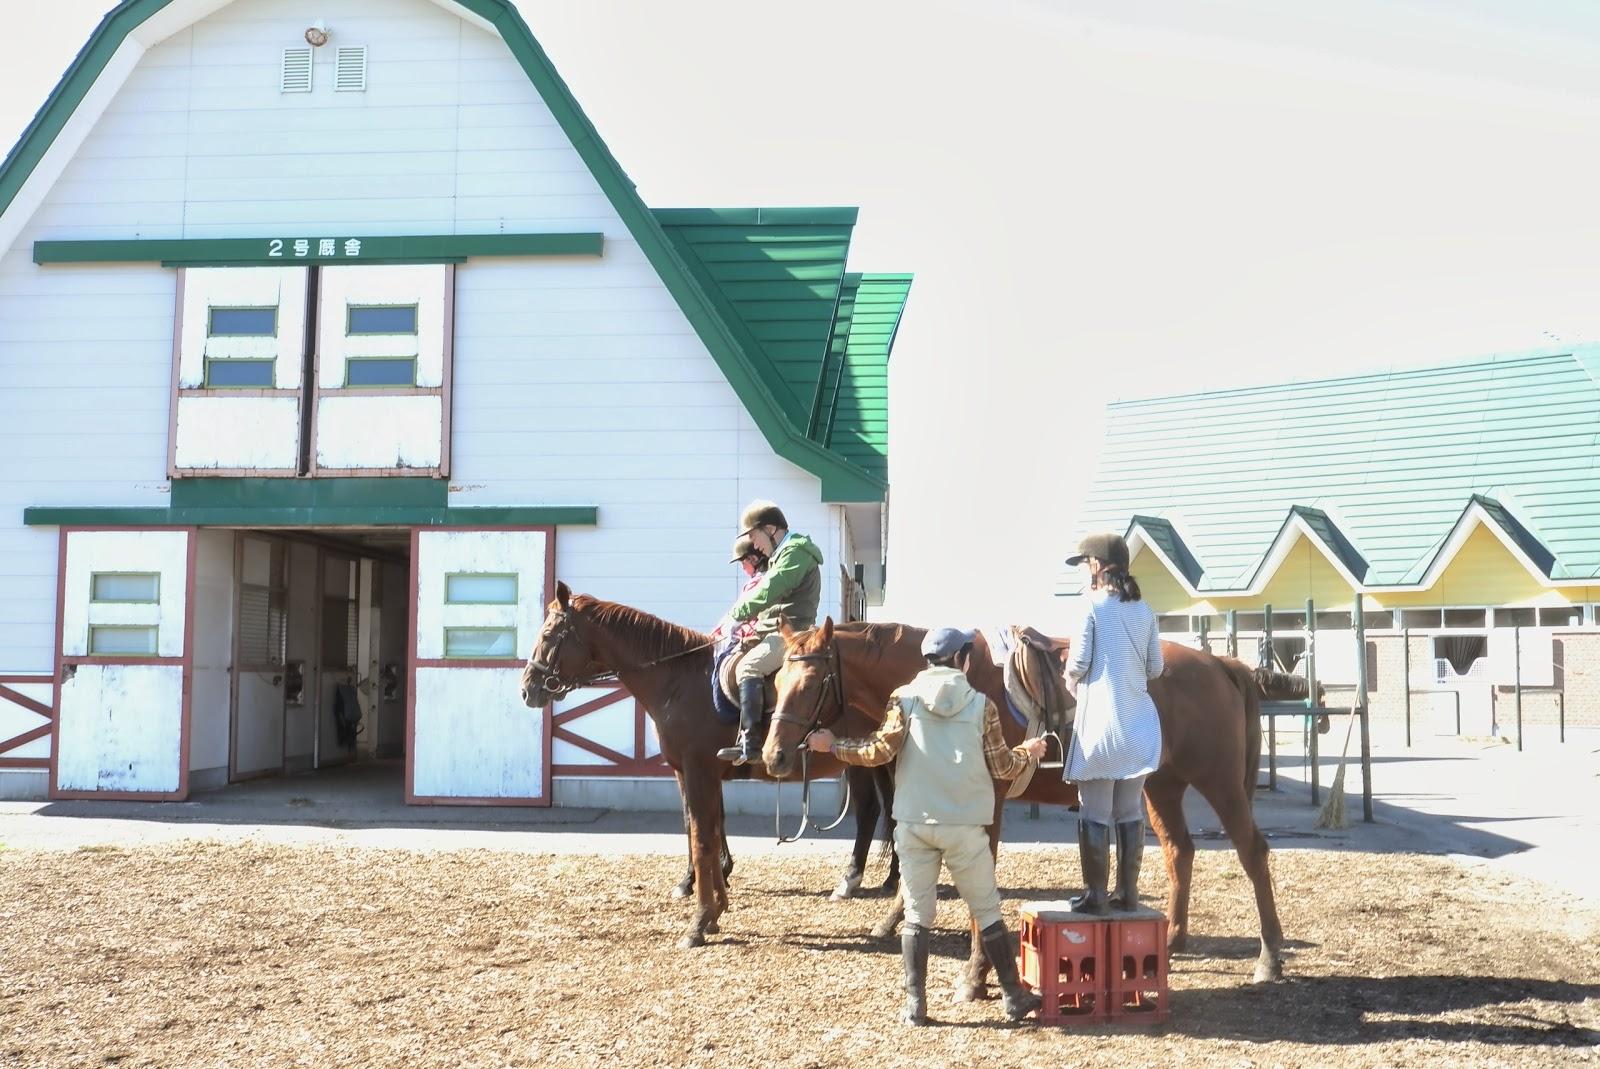 静内農業高校の厩舎。 贅沢な厩舎で、少し悪くなってしまった干し草を切っ... 北海道静内農業高校